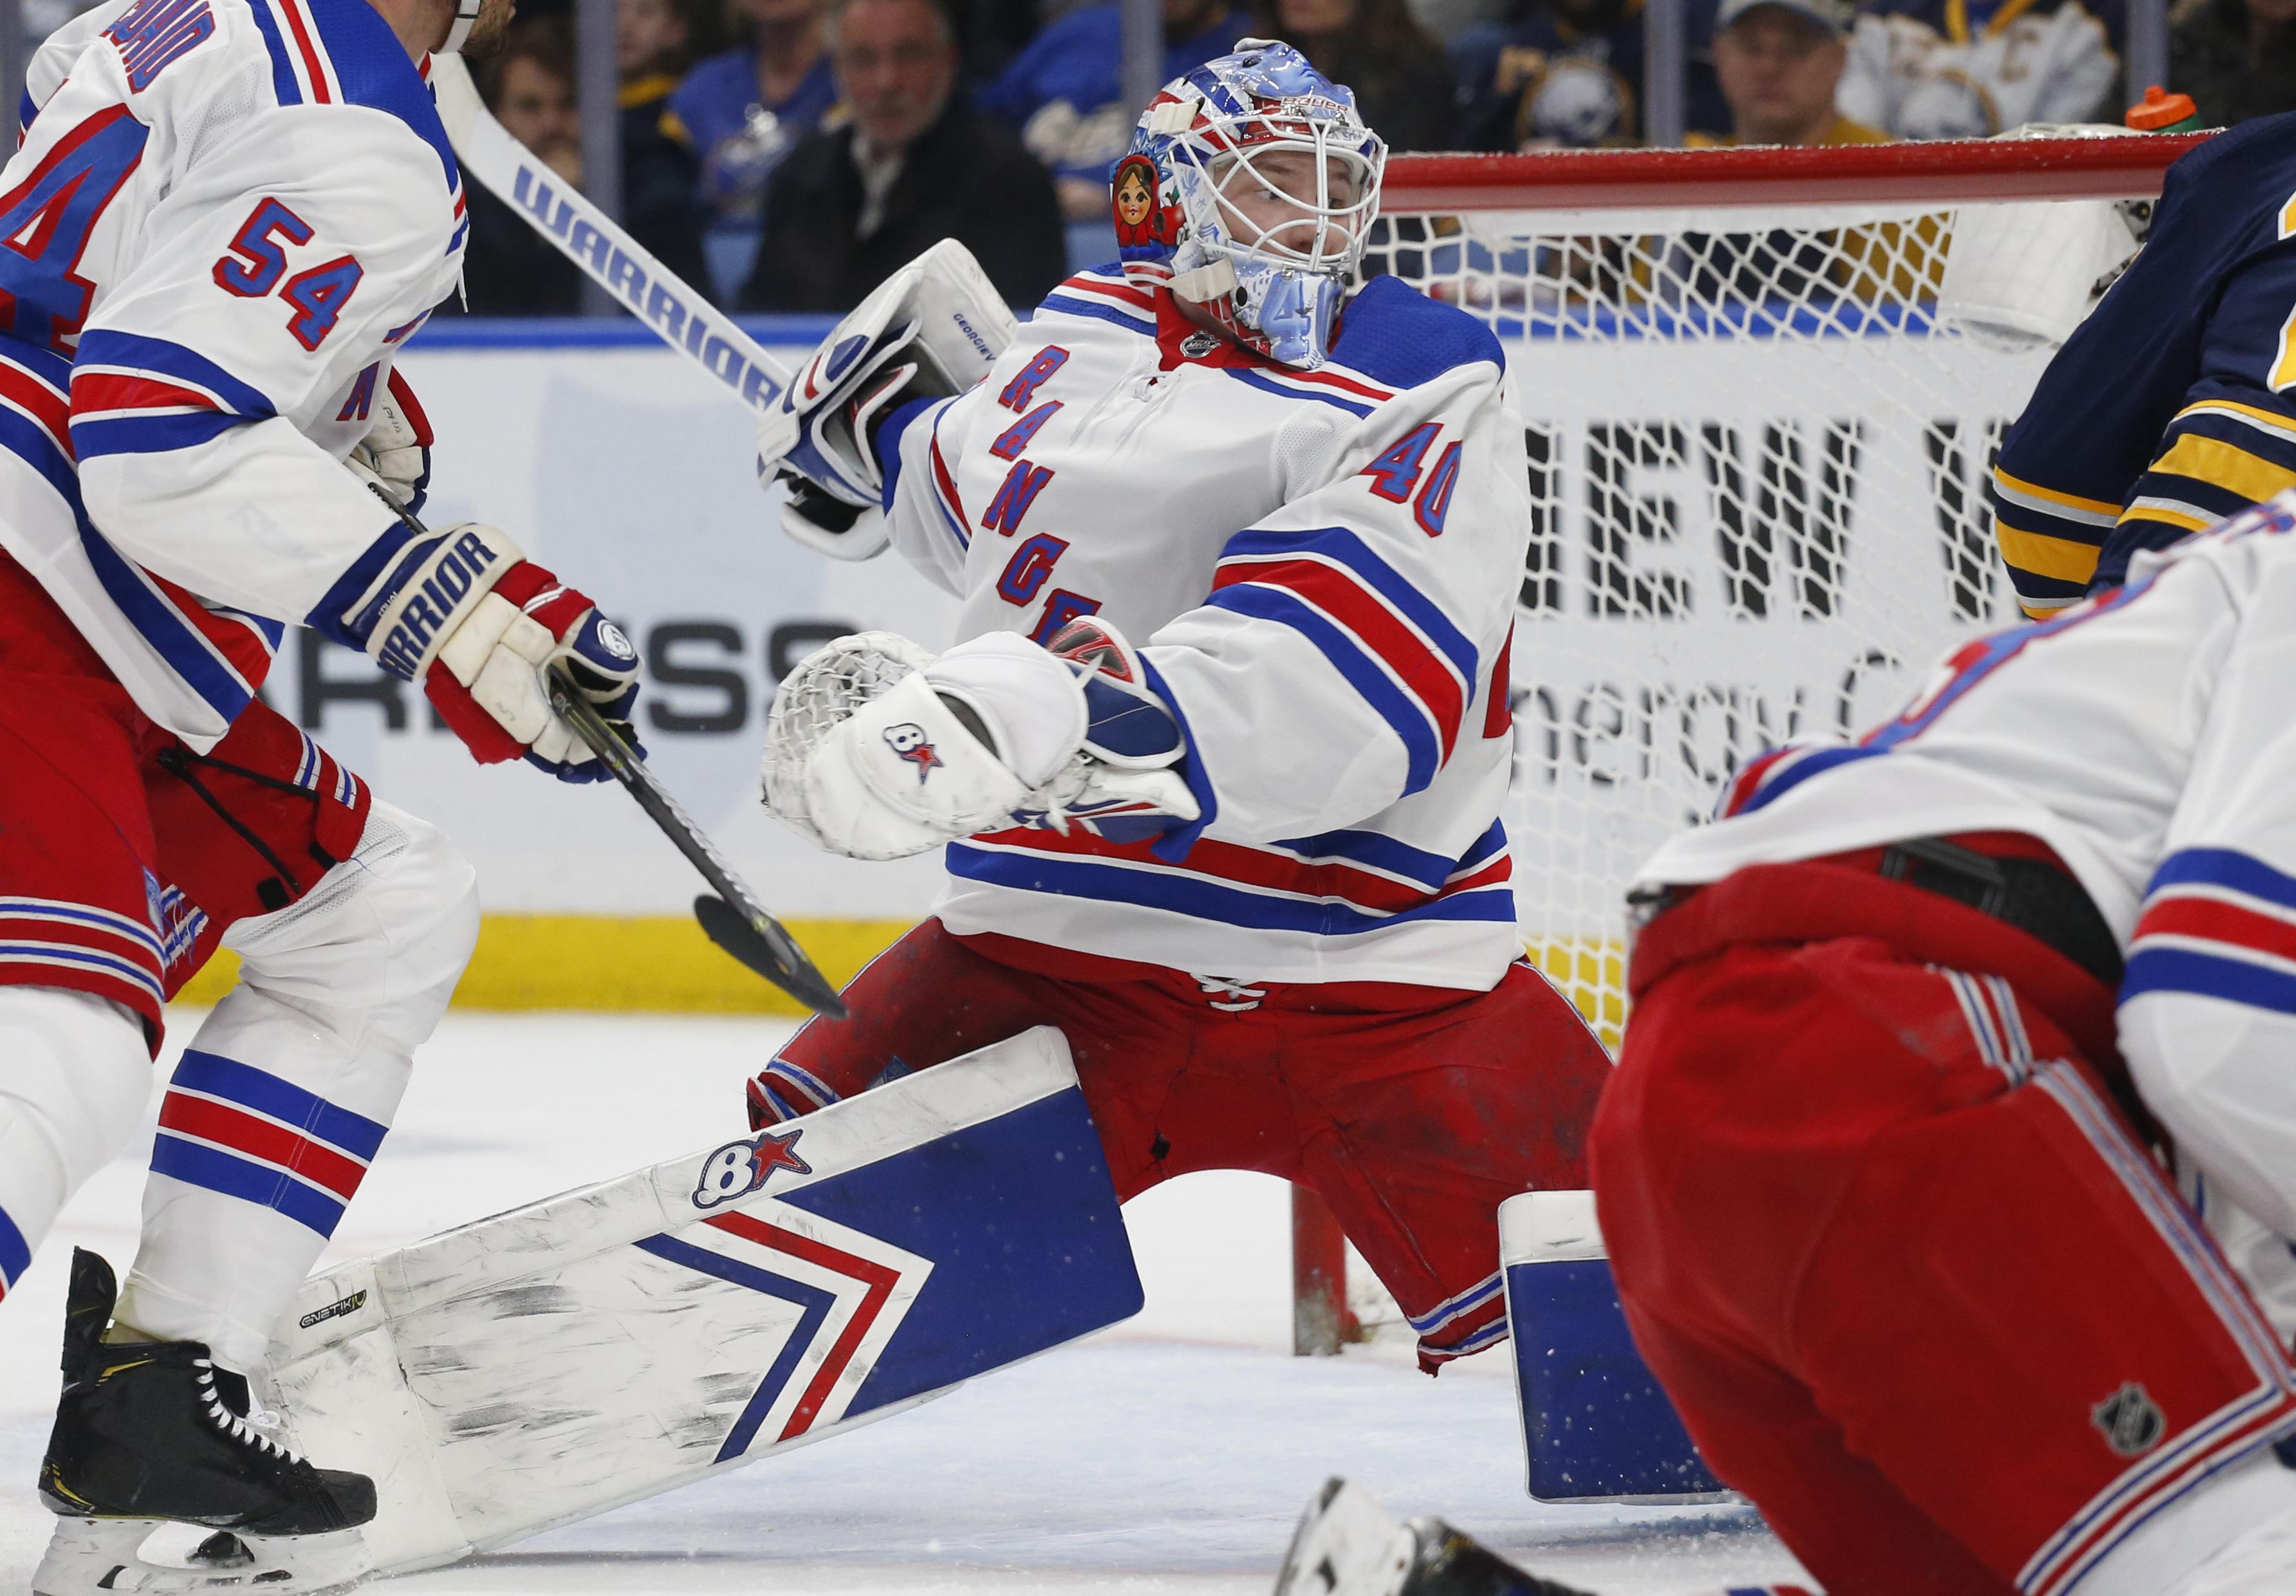 Georgiev stops 31 in Rangers' 6-2 win over Sabres